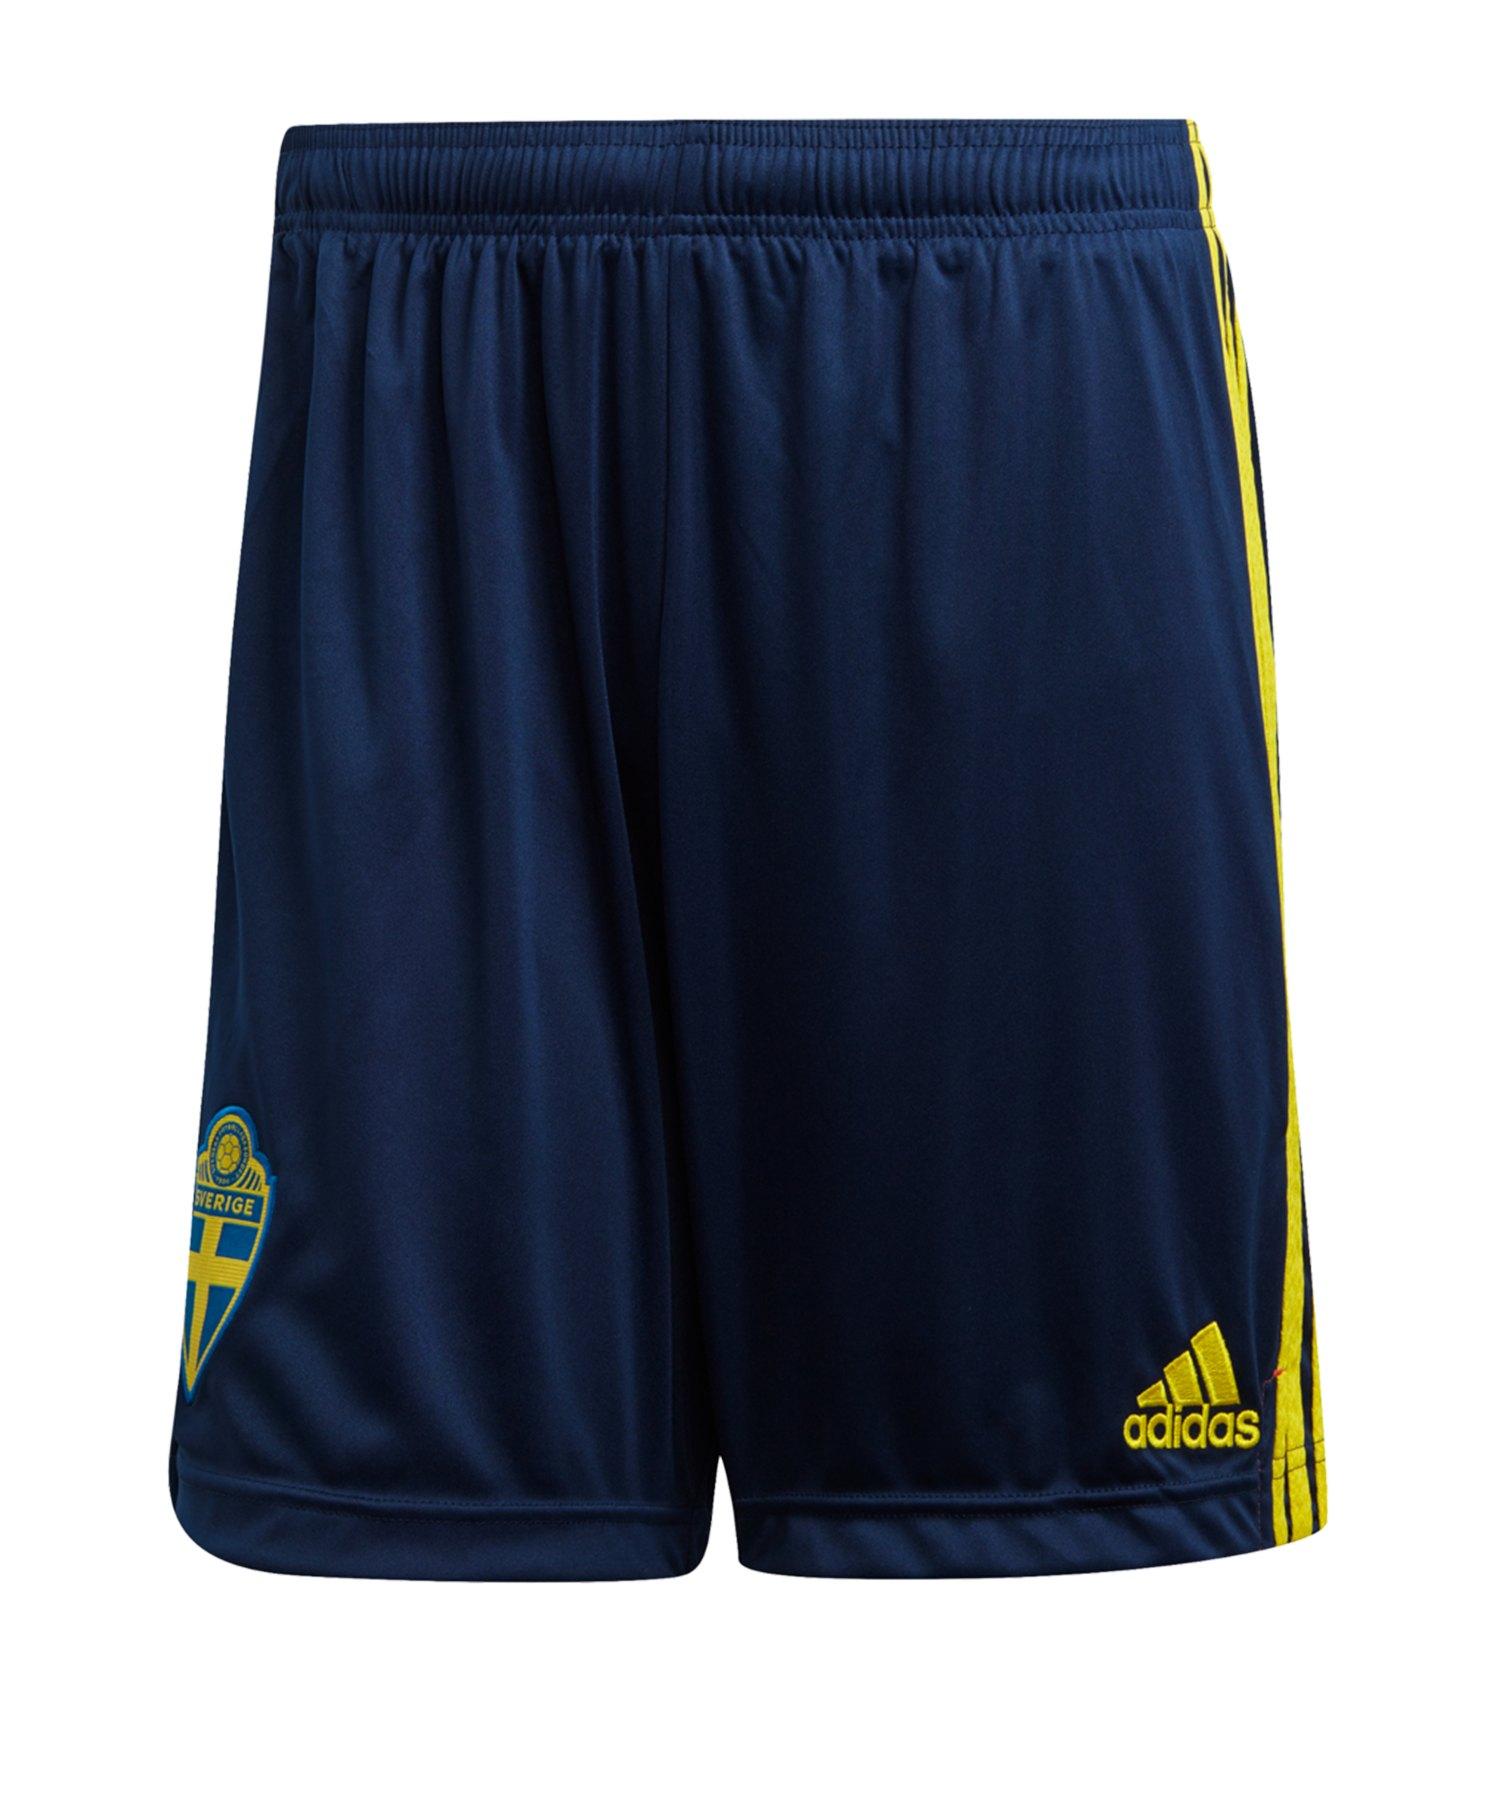 adidas Schweden Short Home EM 2020 Blau Gelb - blau